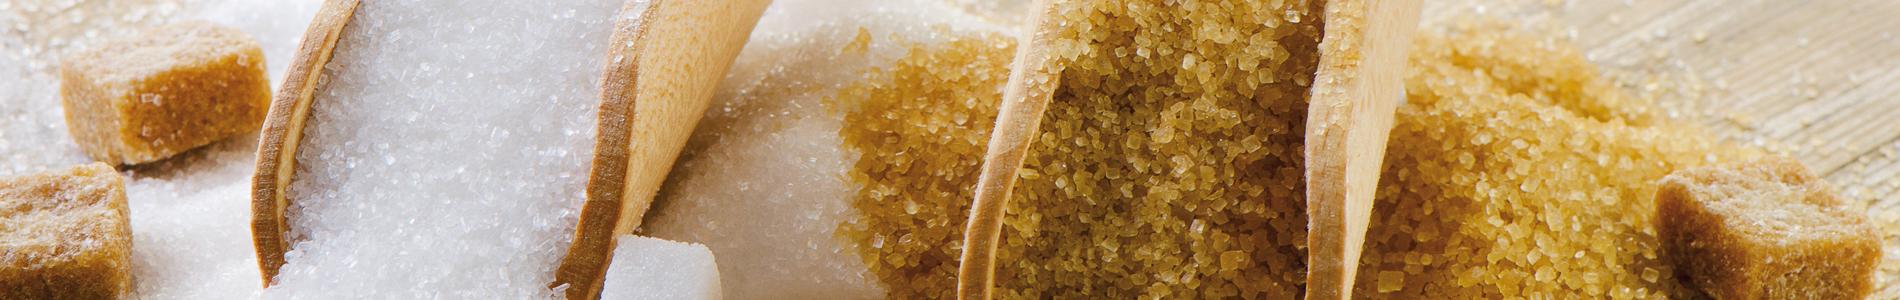 Sucres et produits sucrants